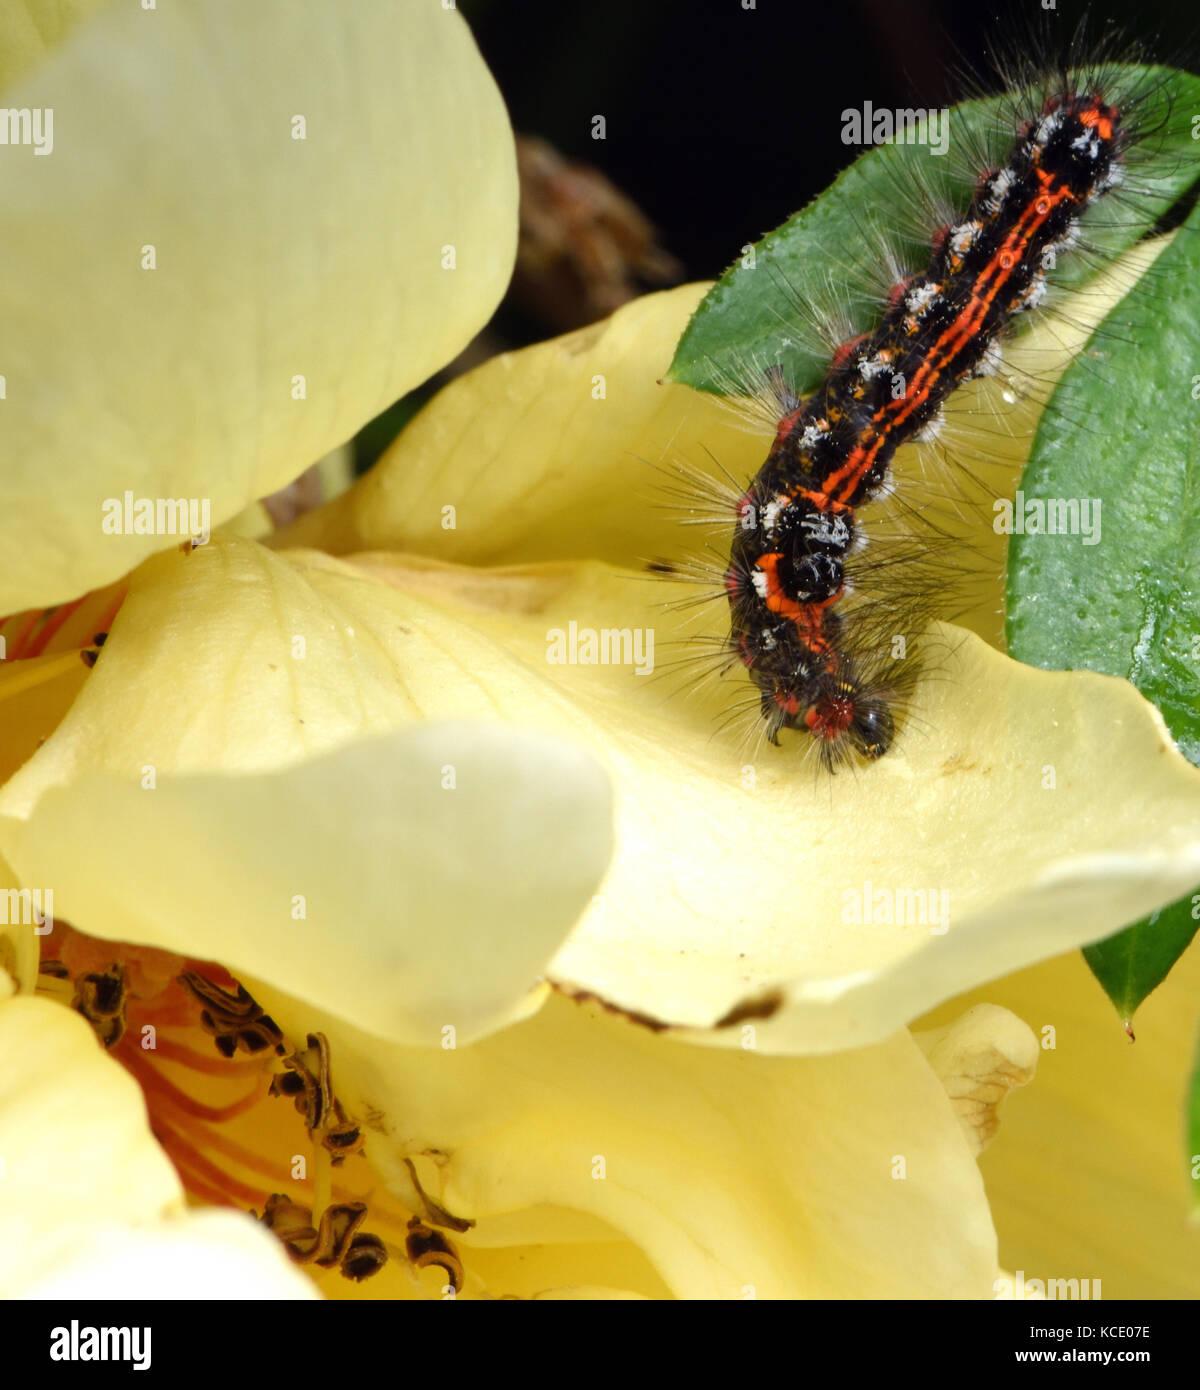 Lava, Caterpillar eines gelb-Schwanz, goldtail Motten oder Schwan Motte (Euproctis Imilis) Fütterung auf eine Stockbild